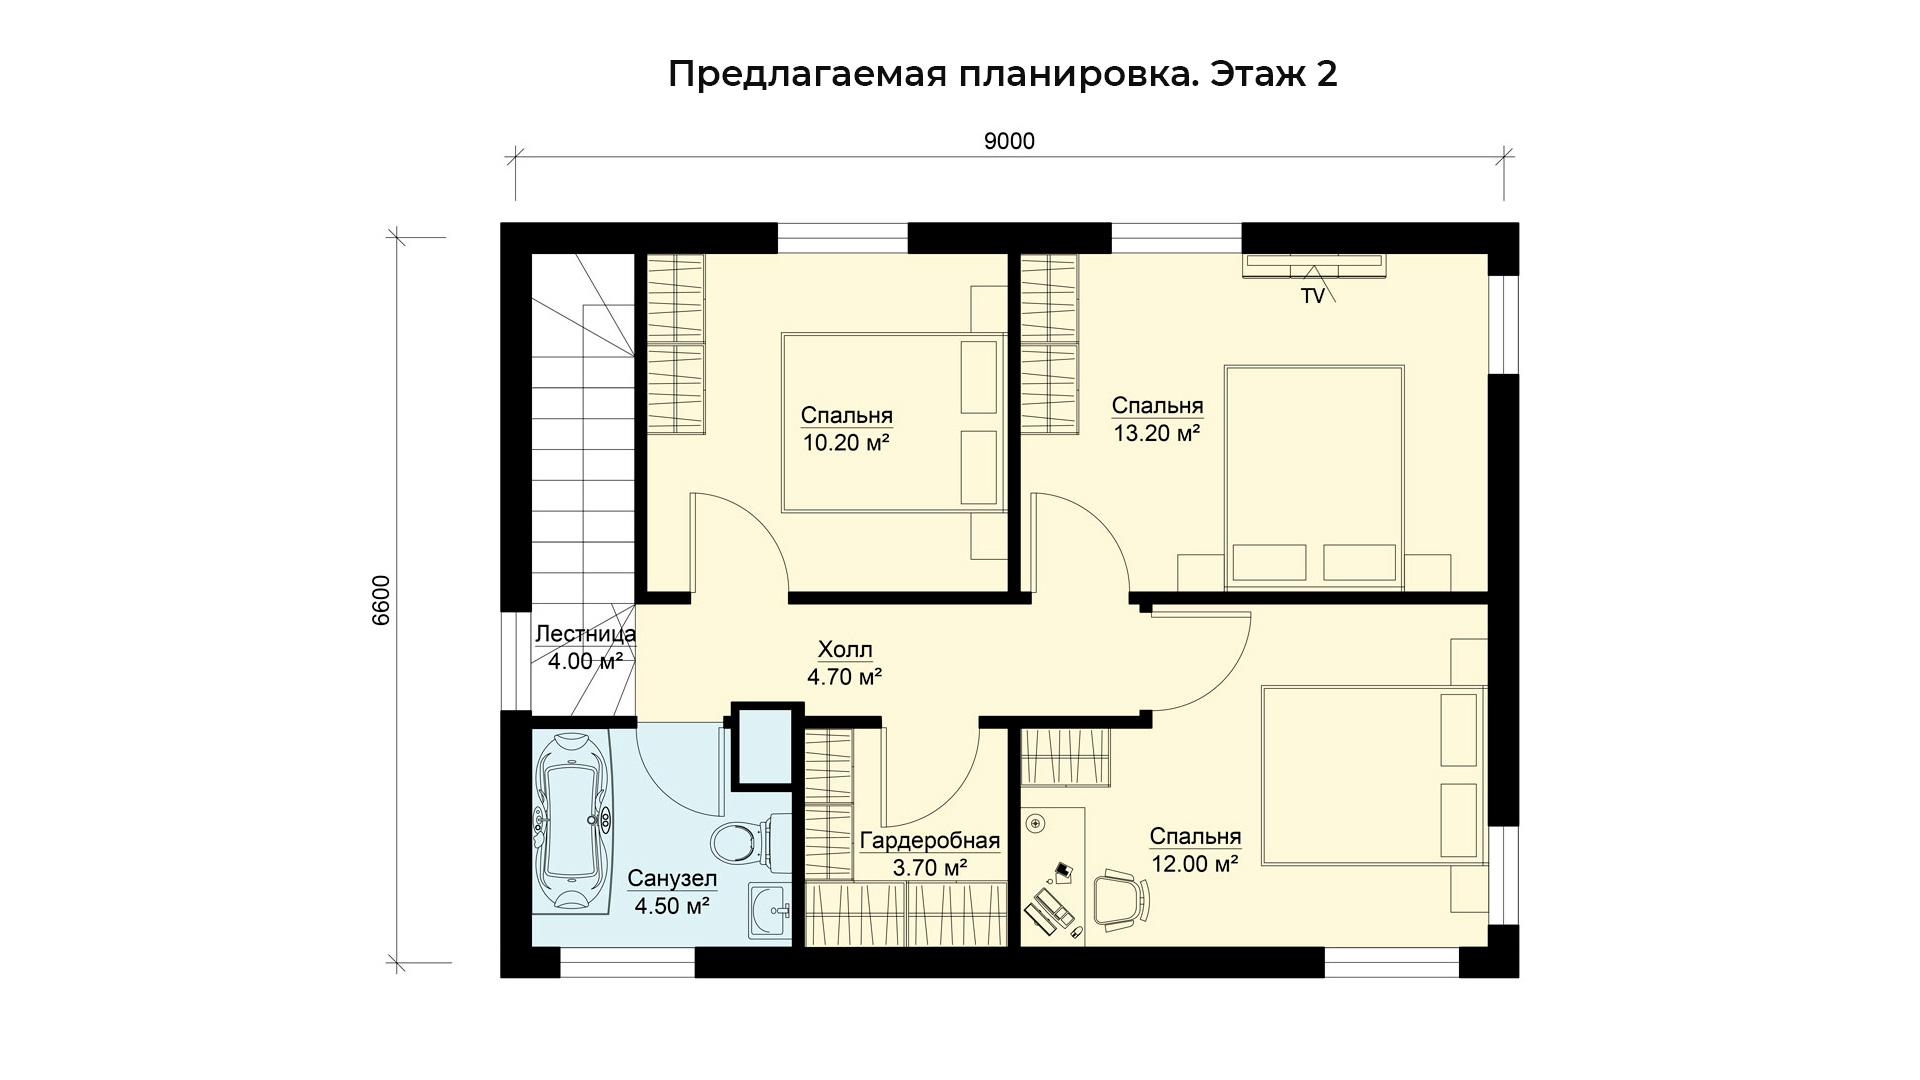 Предлагаемая планировка второго этажа коттеджа БП-105.